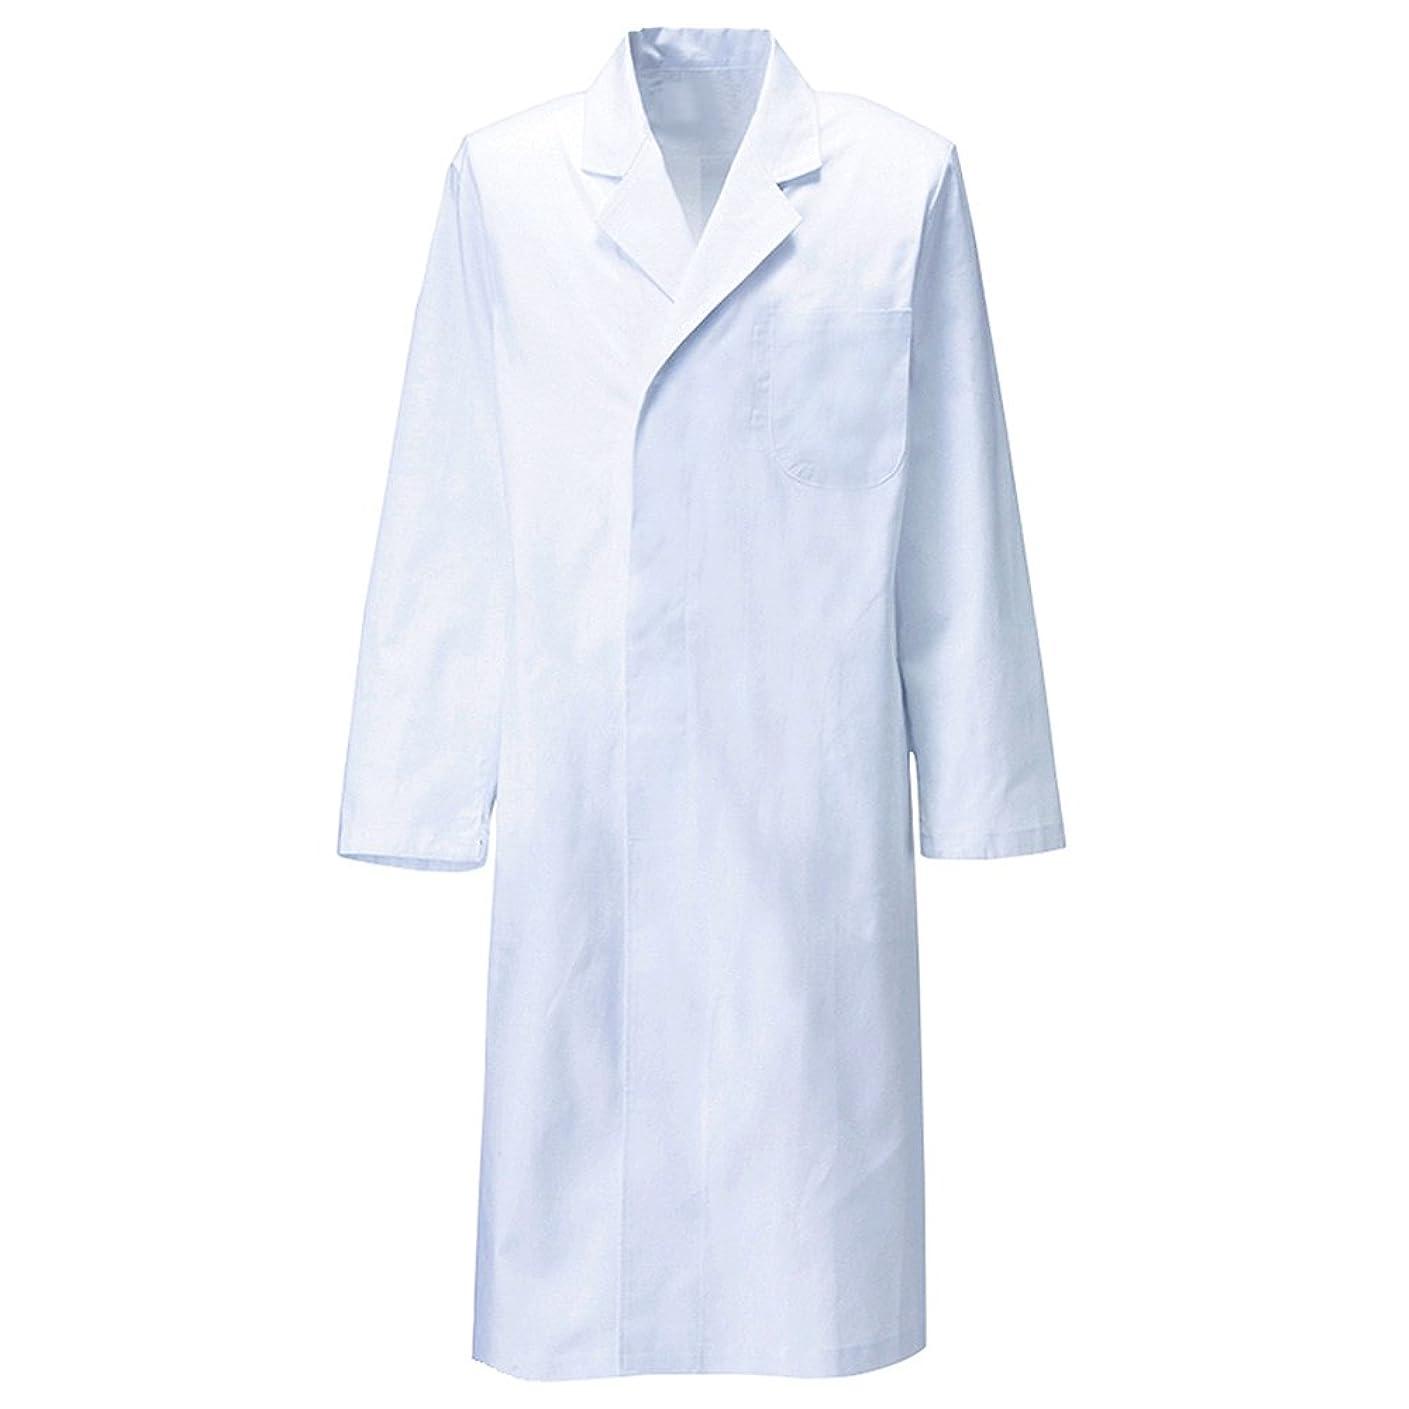 条件付き常習的剛性白衣netメンズ用男性ドクター医師診察衣 綿100% 長袖 シングルボタン ロング丈 ホワイト 両脇ポケット付き